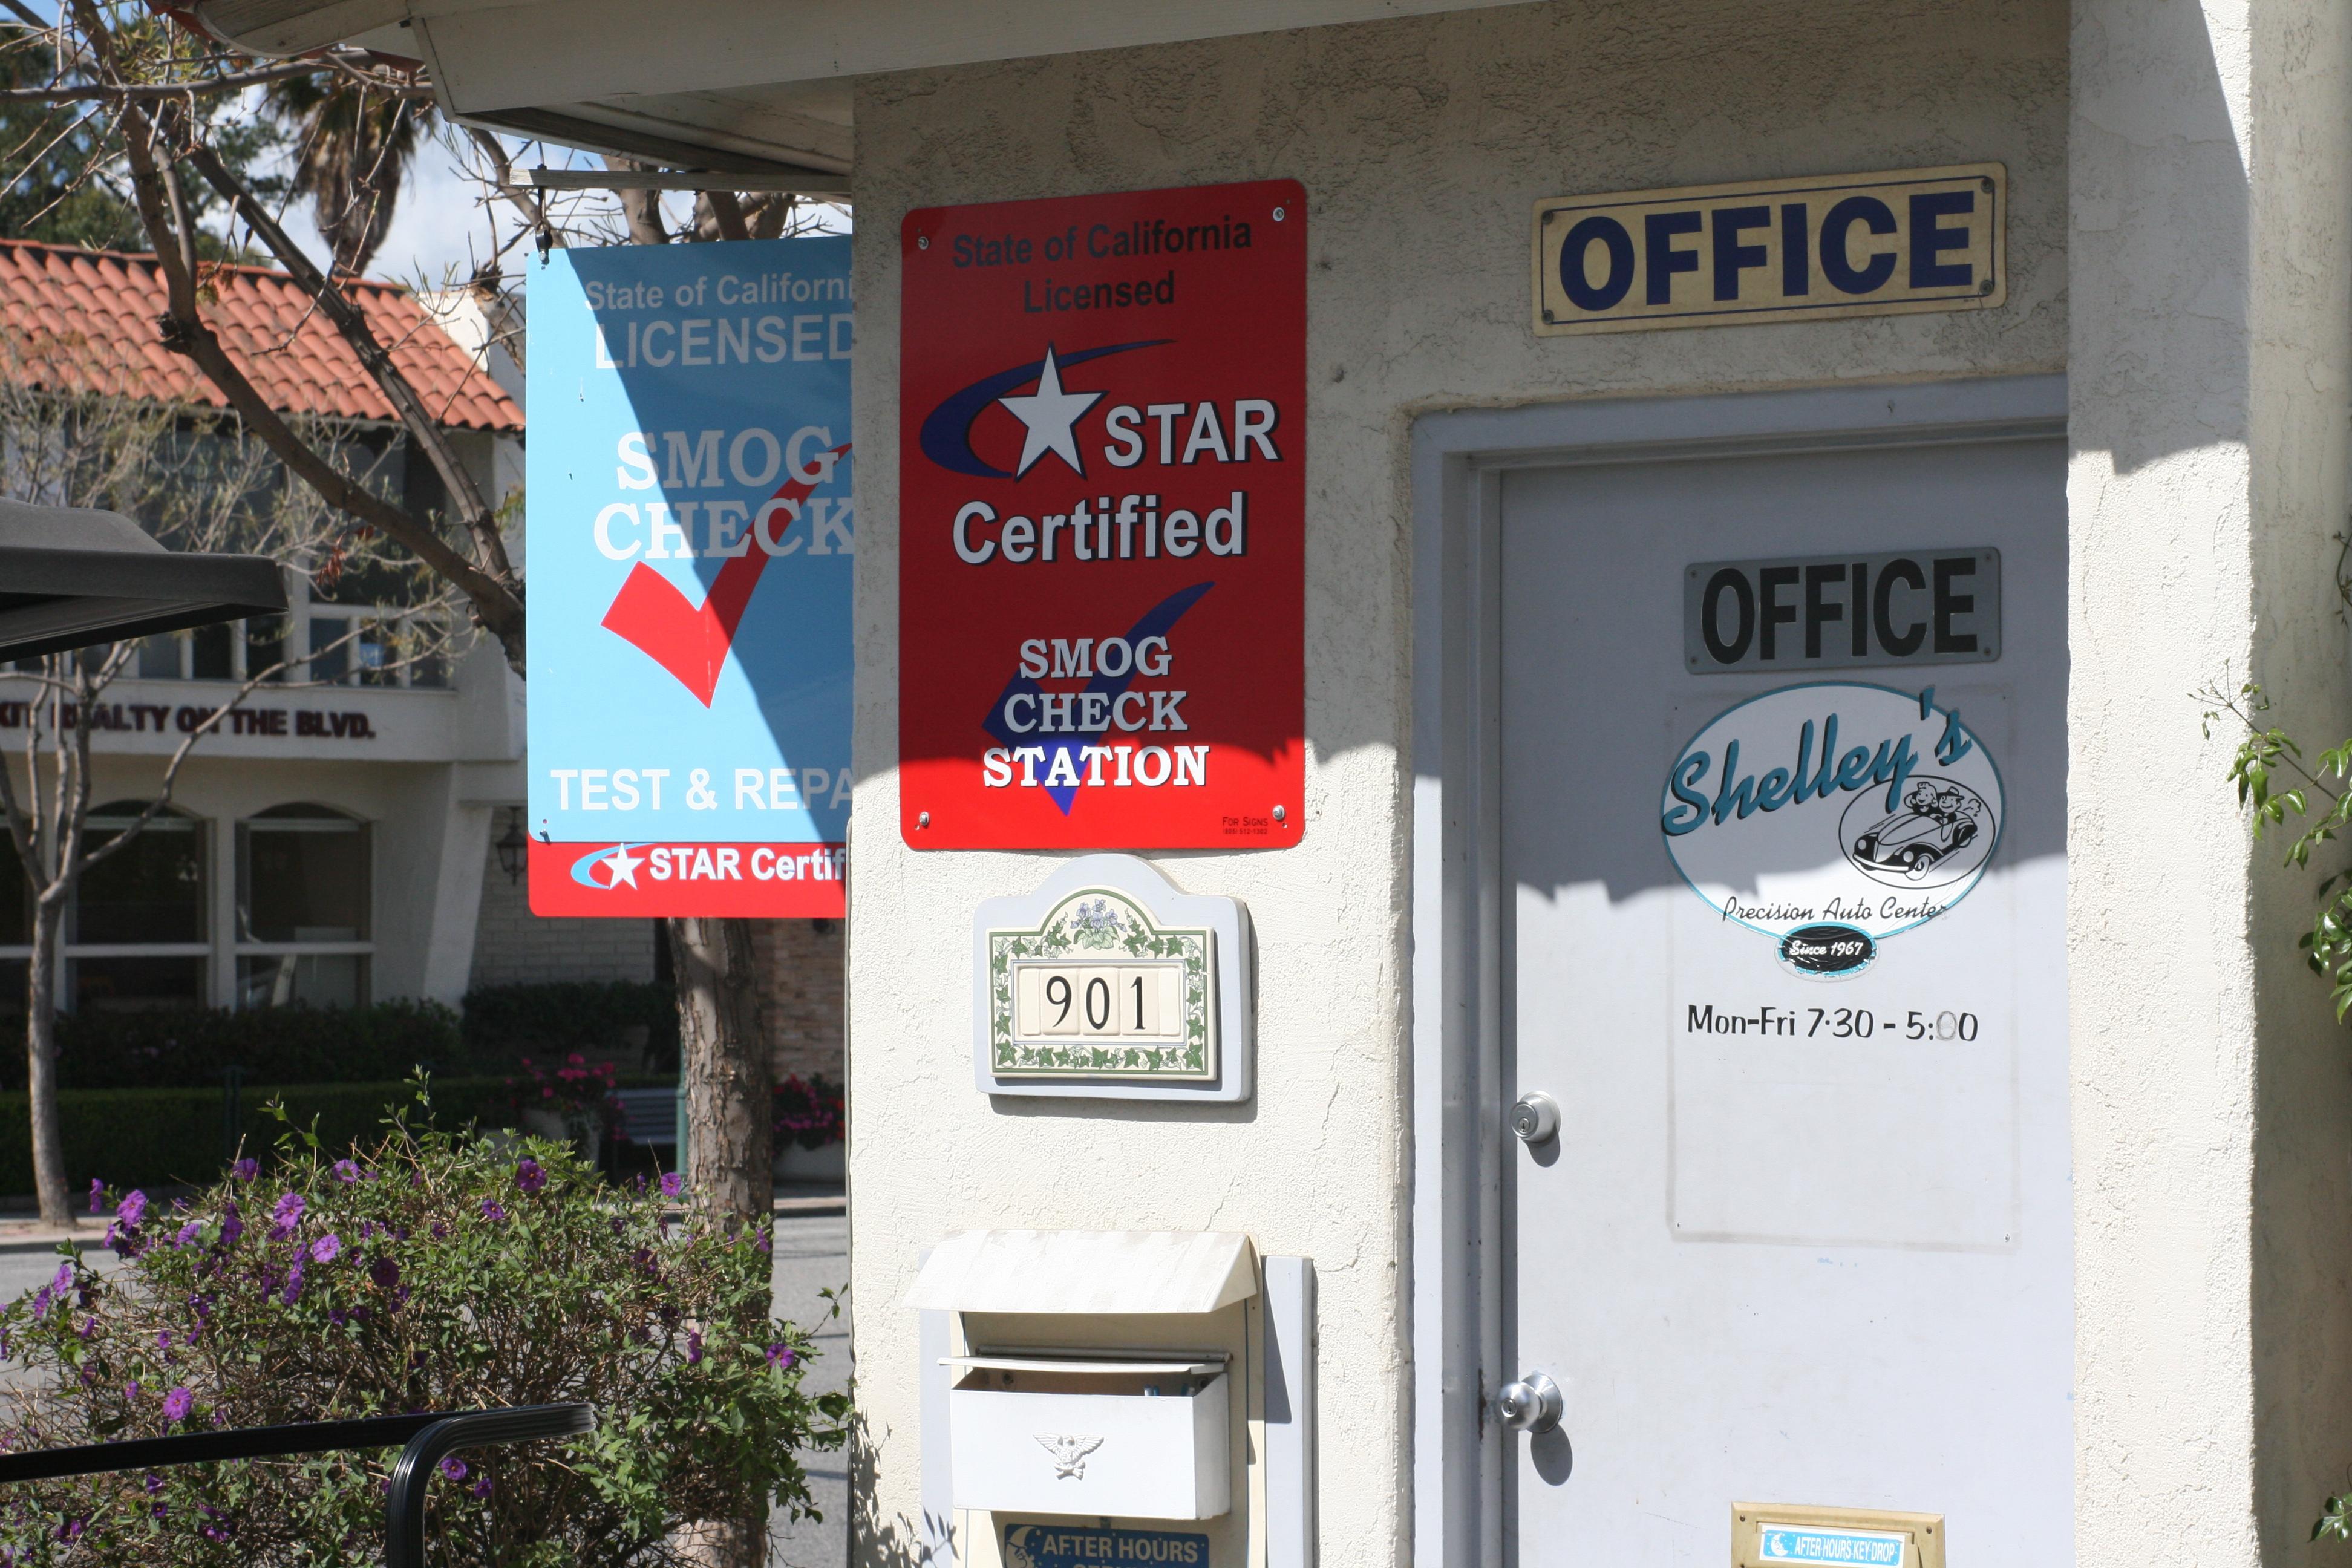 Shelley's Precision Auto Center in Thousand Oaks, CA, photo #3